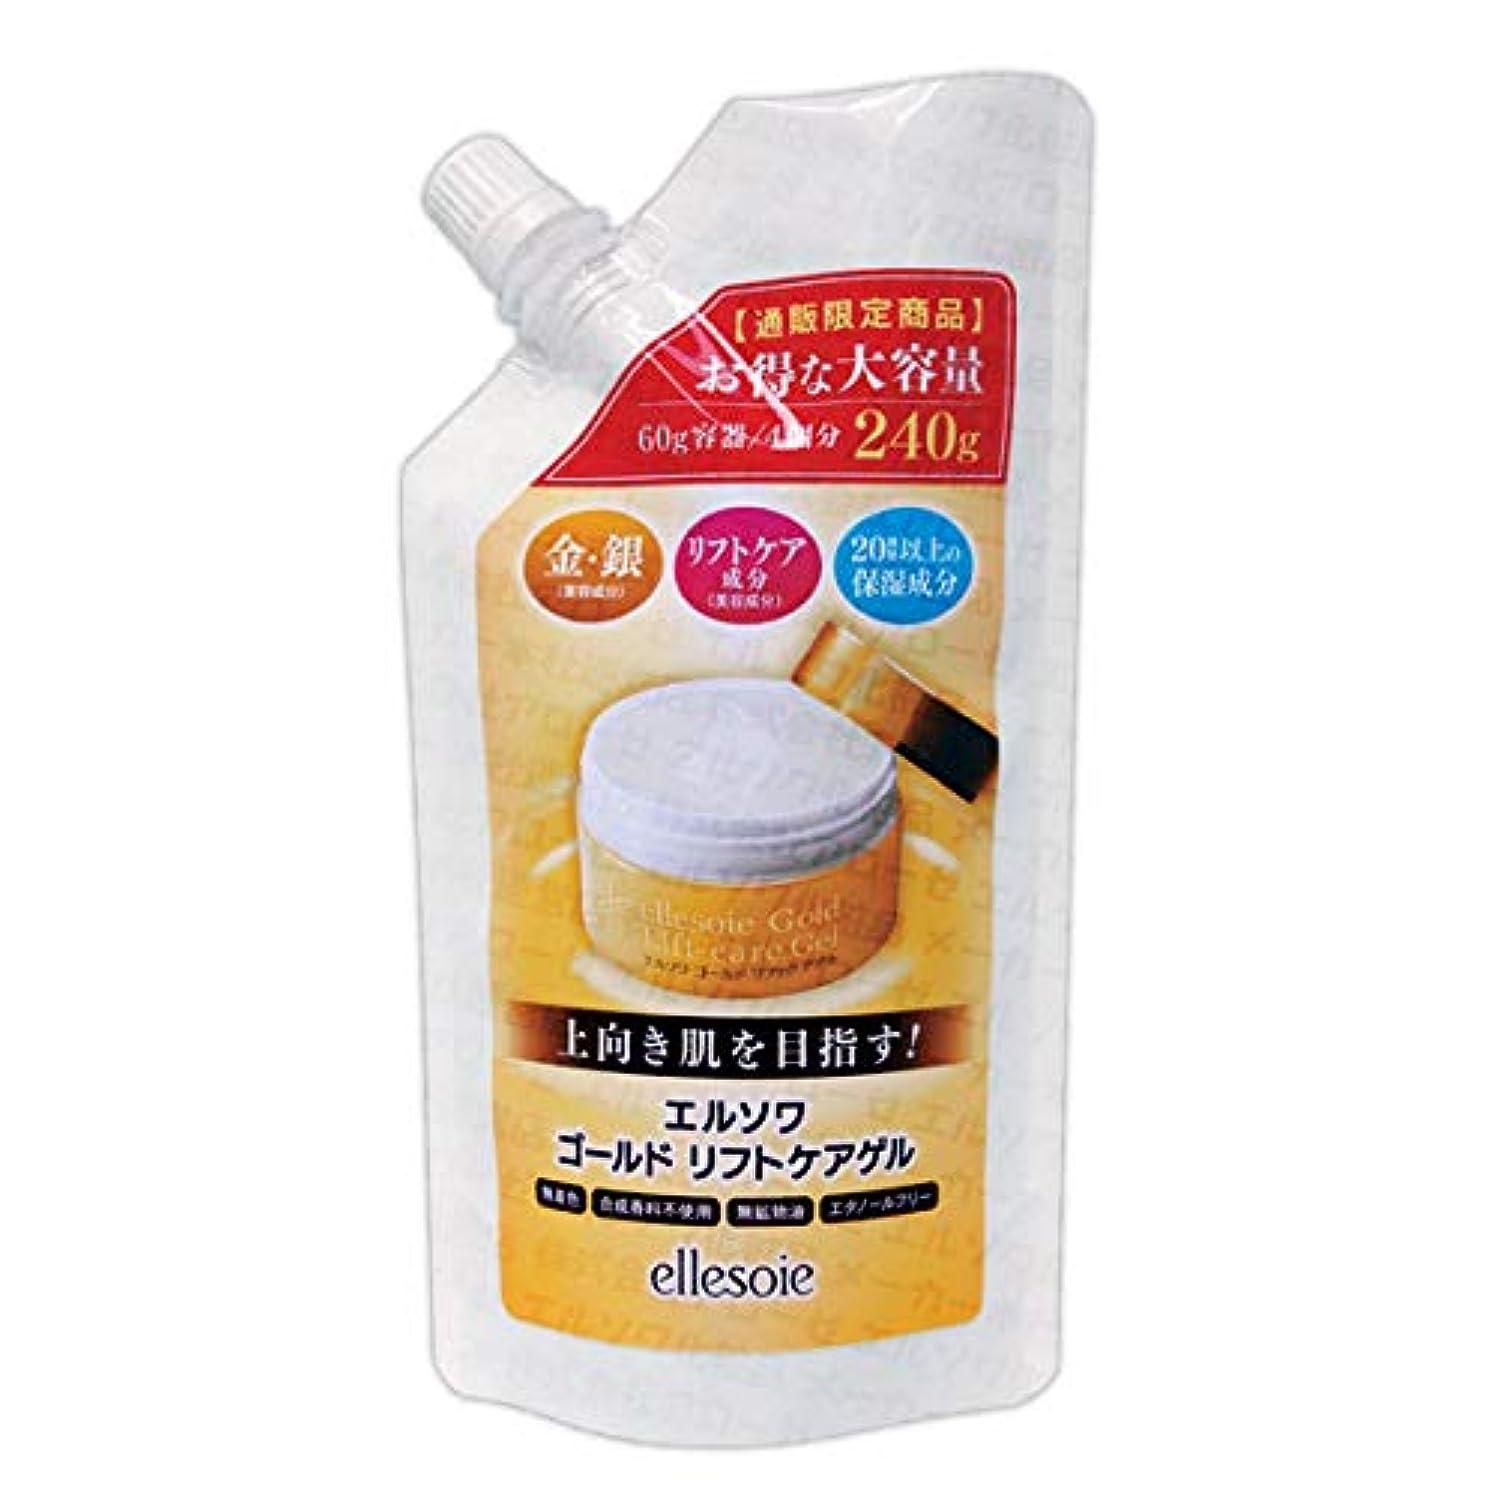 高速道路条件付き投資するエルソワ化粧品(ellesoie) ゴールドリフトケアゲル 年齢肌向けオールインワン (詰替用240g)